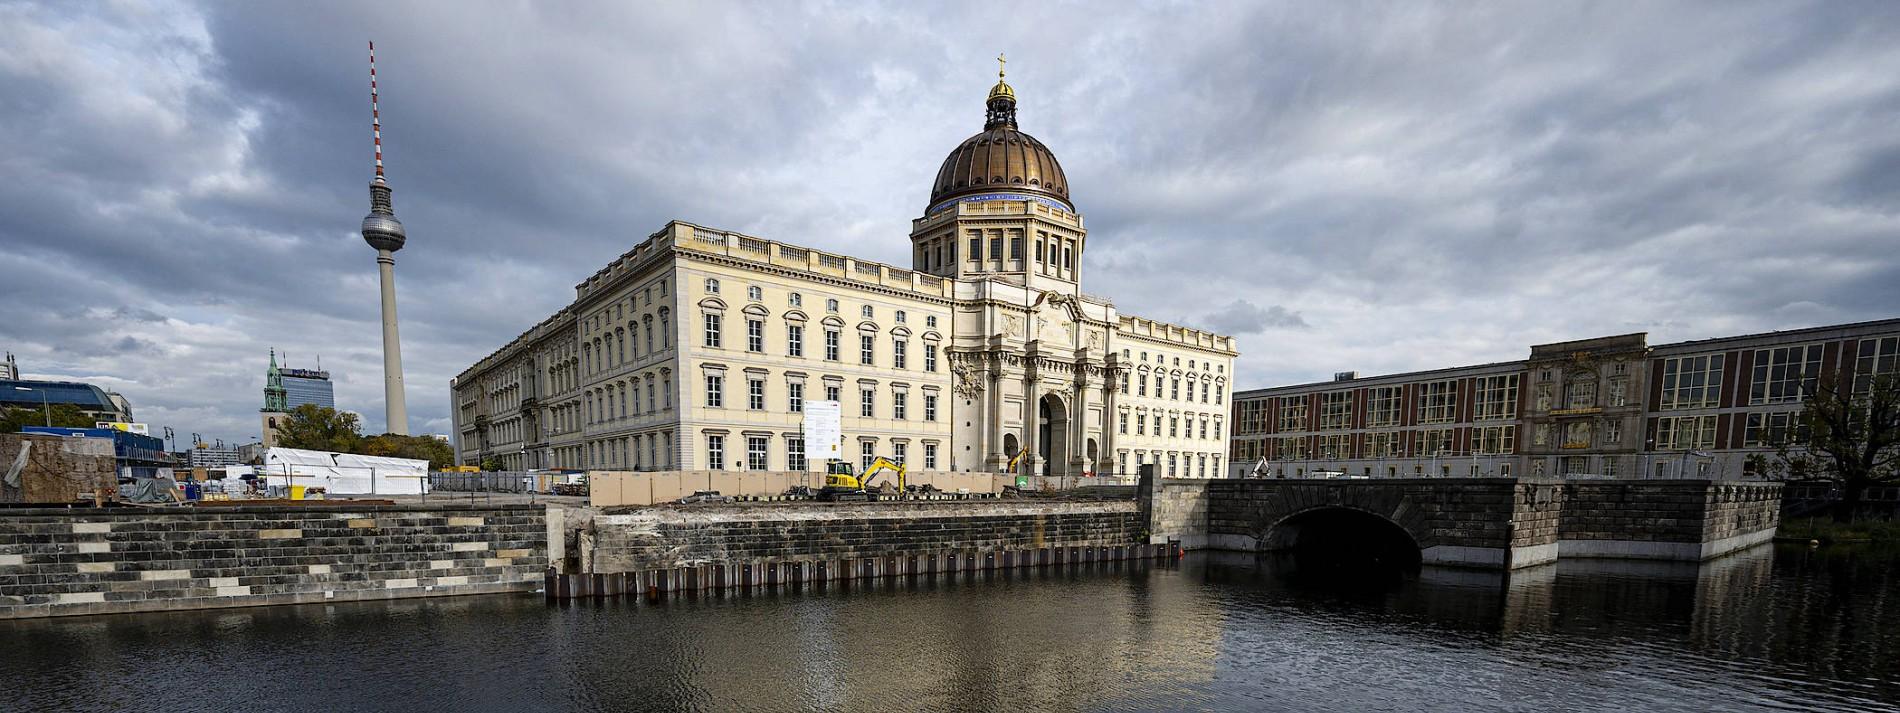 Spendensoll für umstrittene Fassade am Humboldt Forum erfüllt